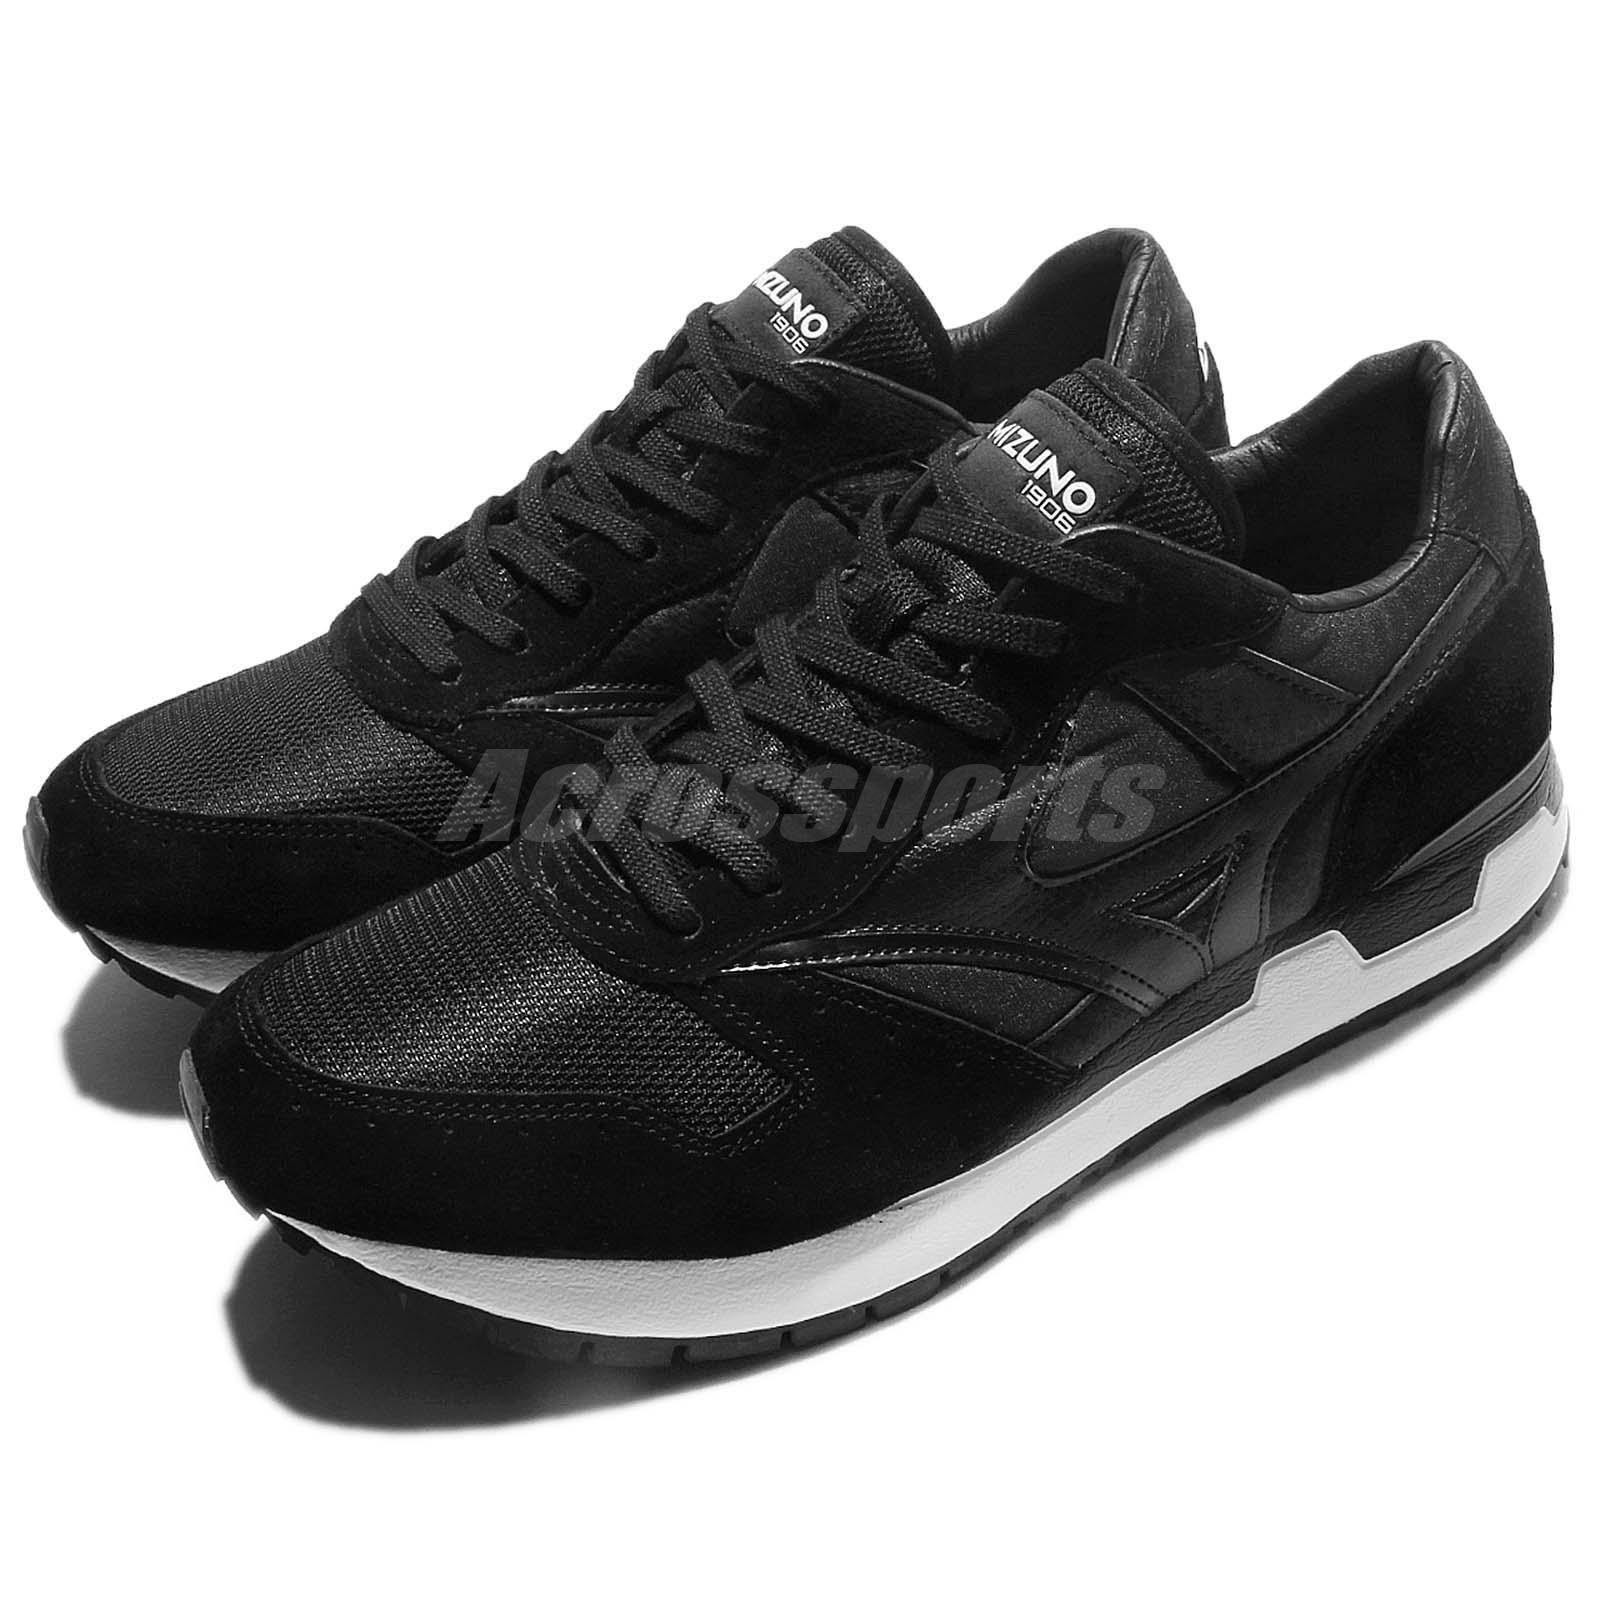 Mizuno Sports Style GV87 1987 negro blanco Men Retro zapatos zapatillas D1GA17-0609